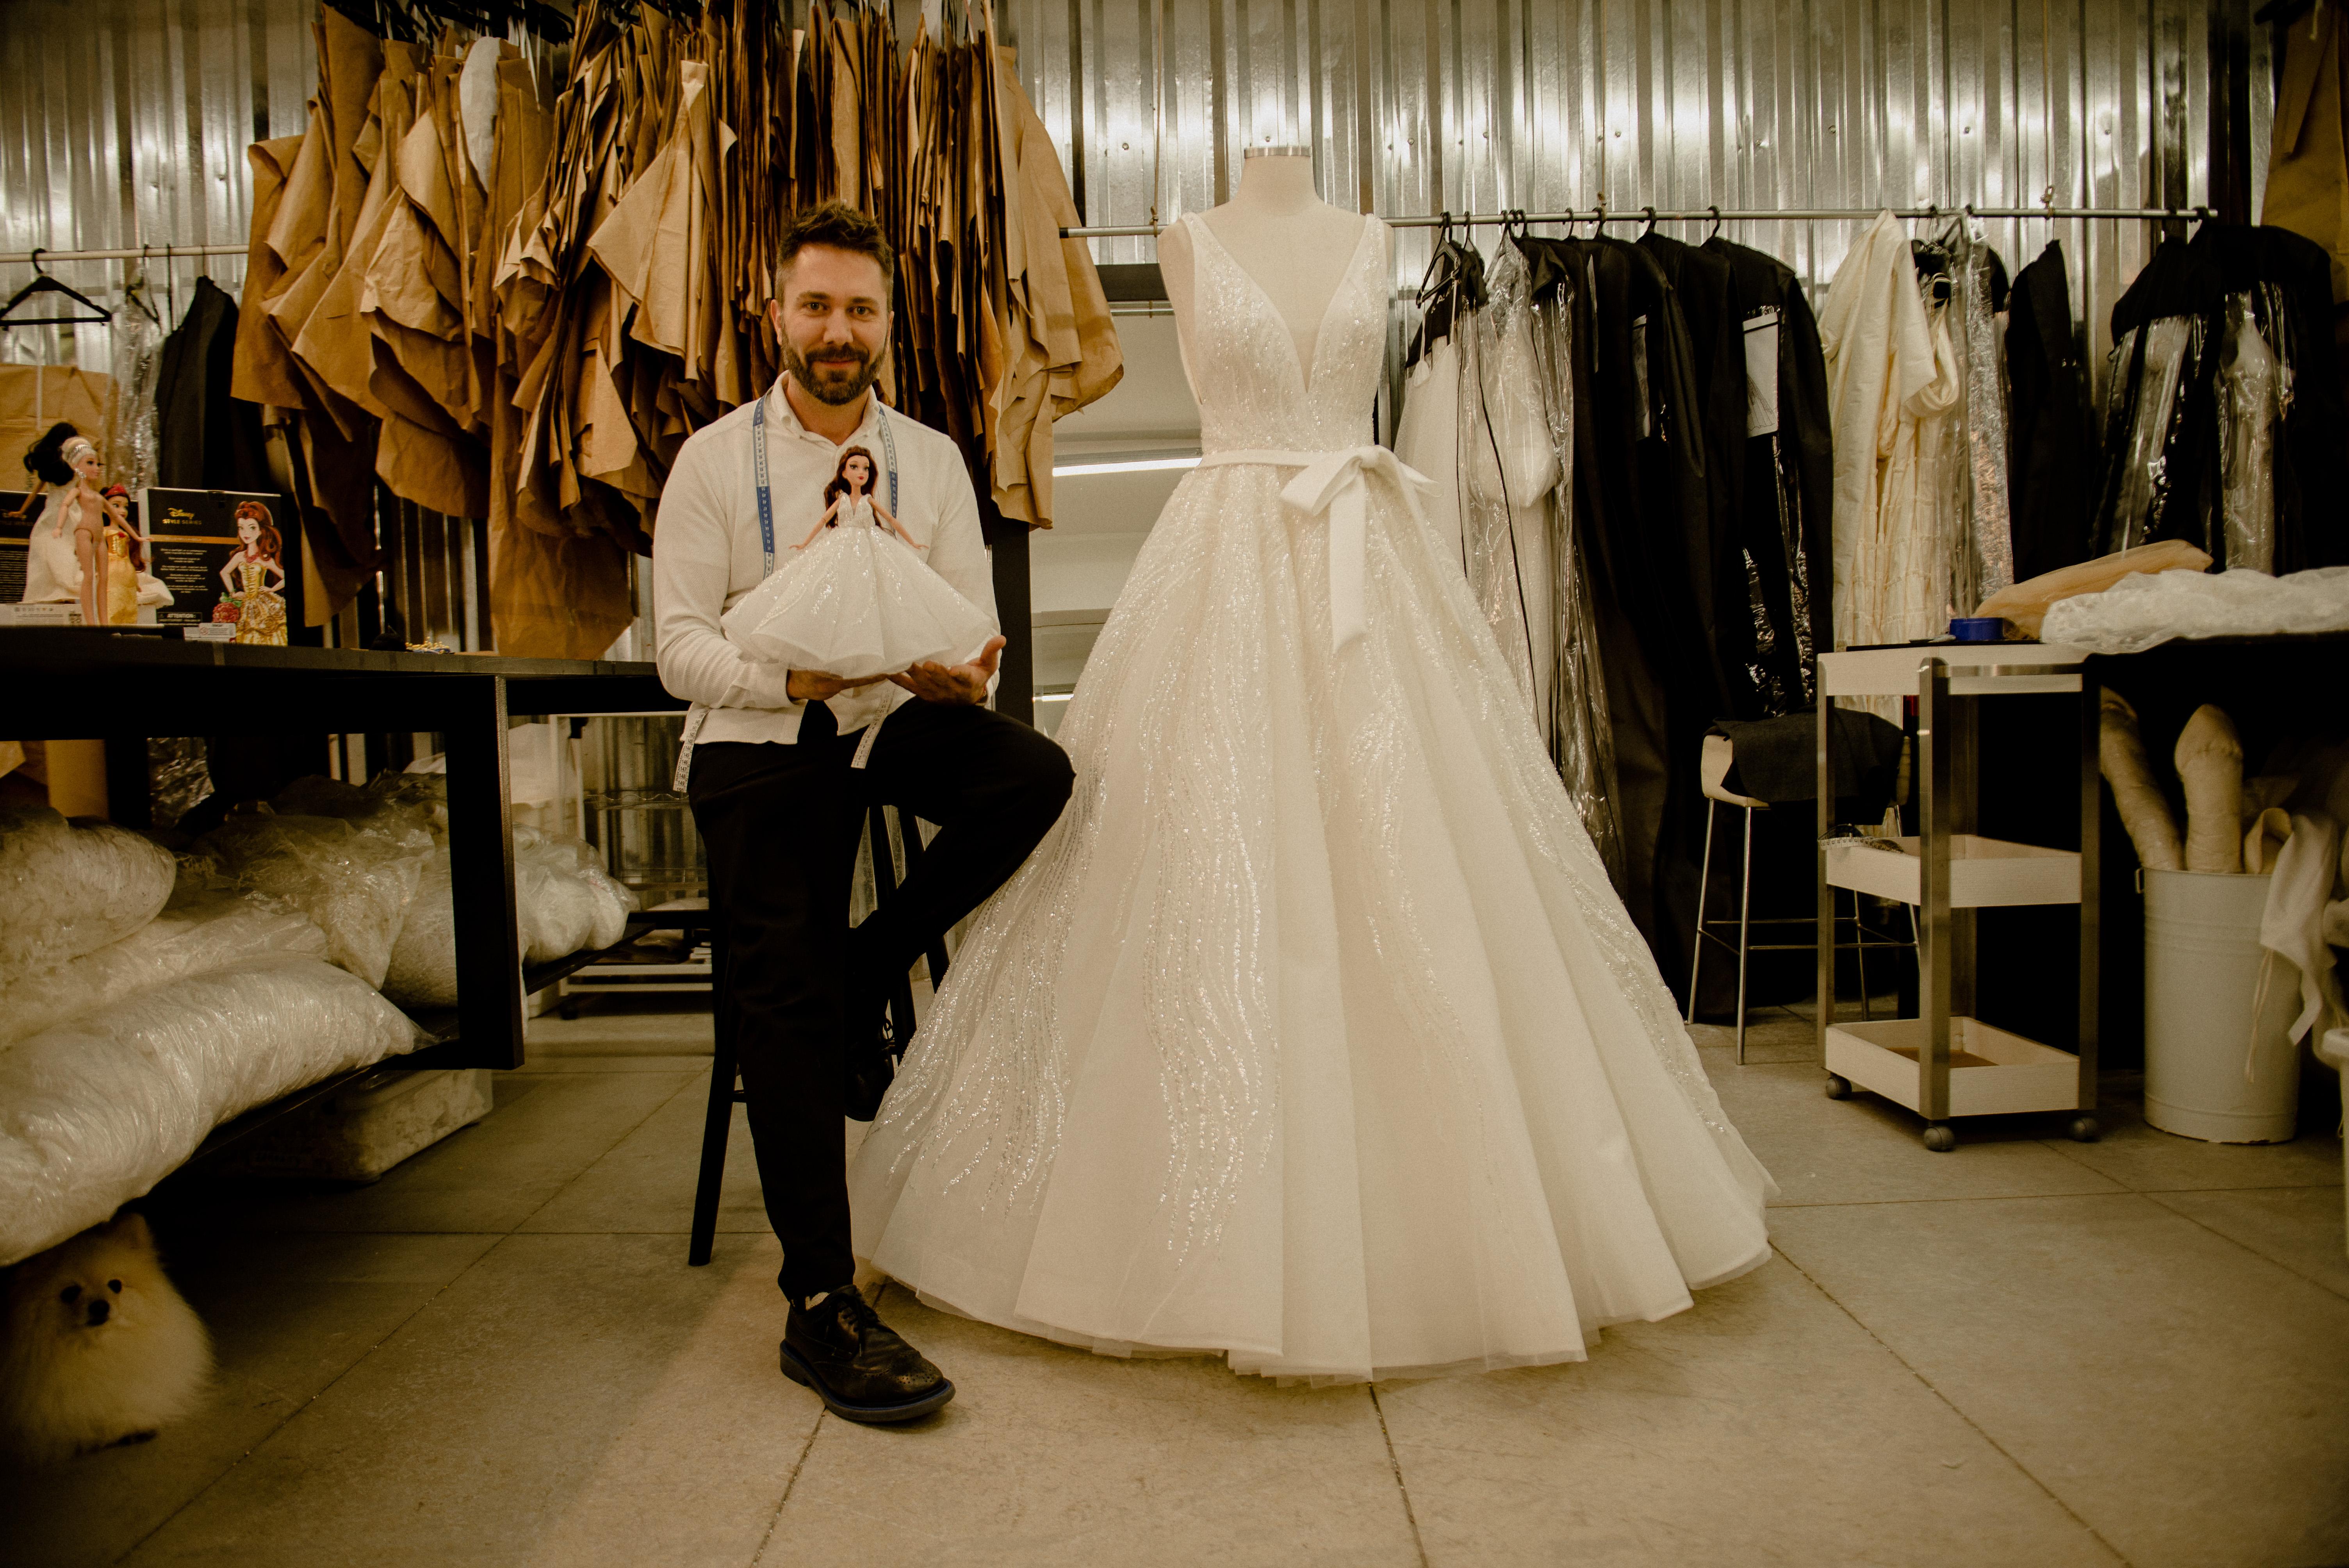 Lucas Anderi aparece sentado ao lado de vestido de noiva. Veste calça preta e camisa branca, com fita métrica no pescoço e segurando boneca.